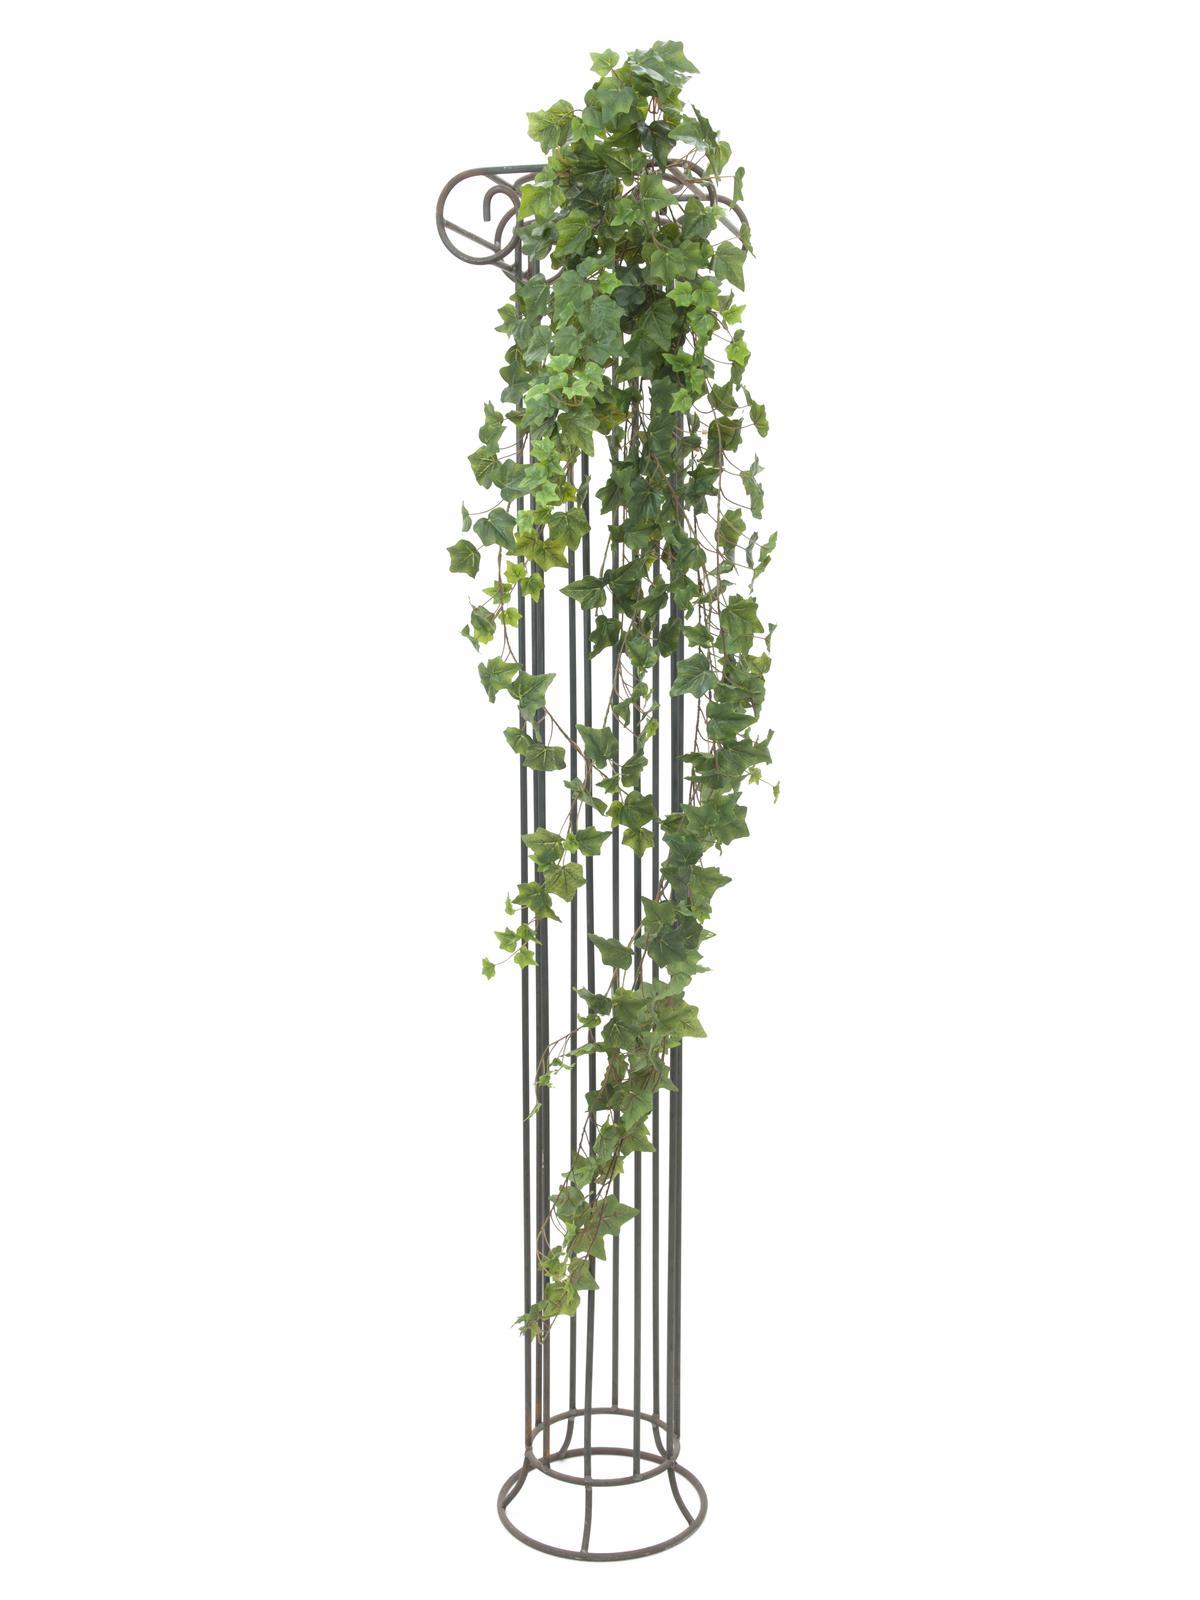 Kunstig  Efeu Guirlande Præget Grøn 180cm